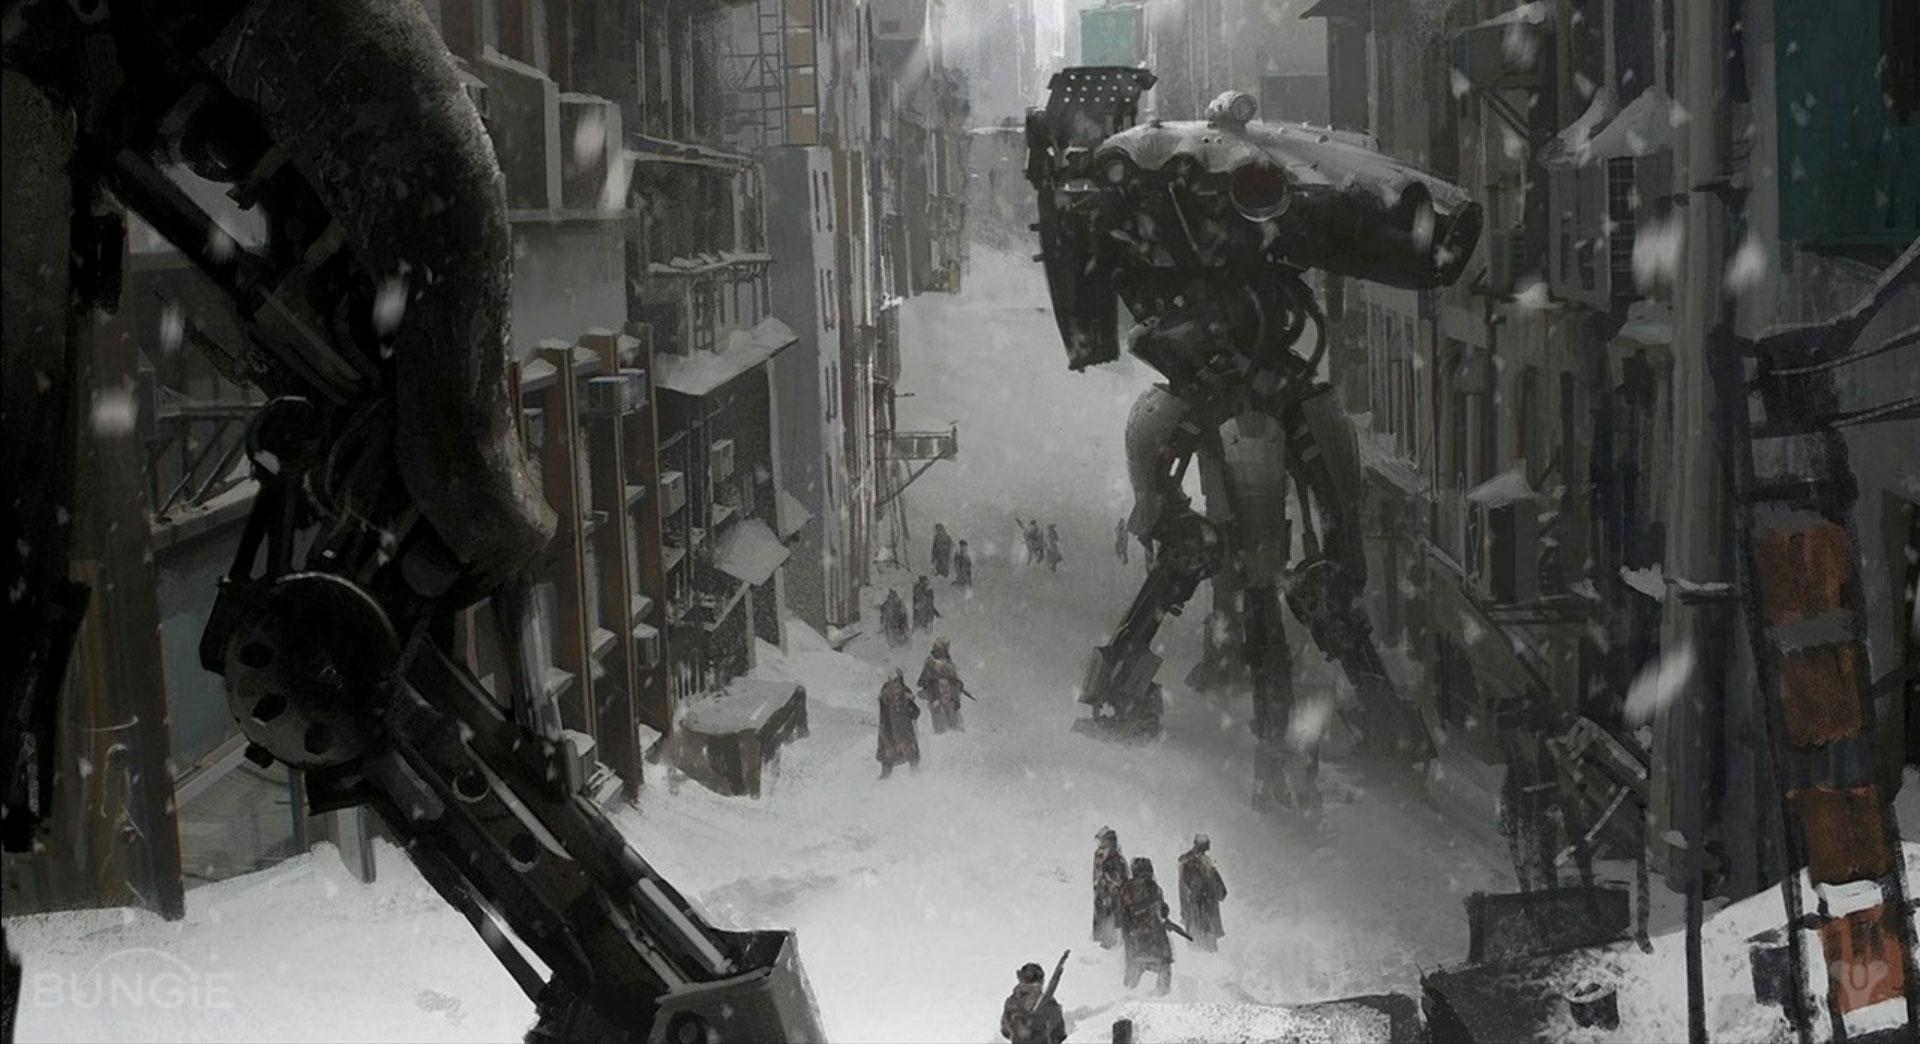 The Citadel of Skulls - Dark Trader